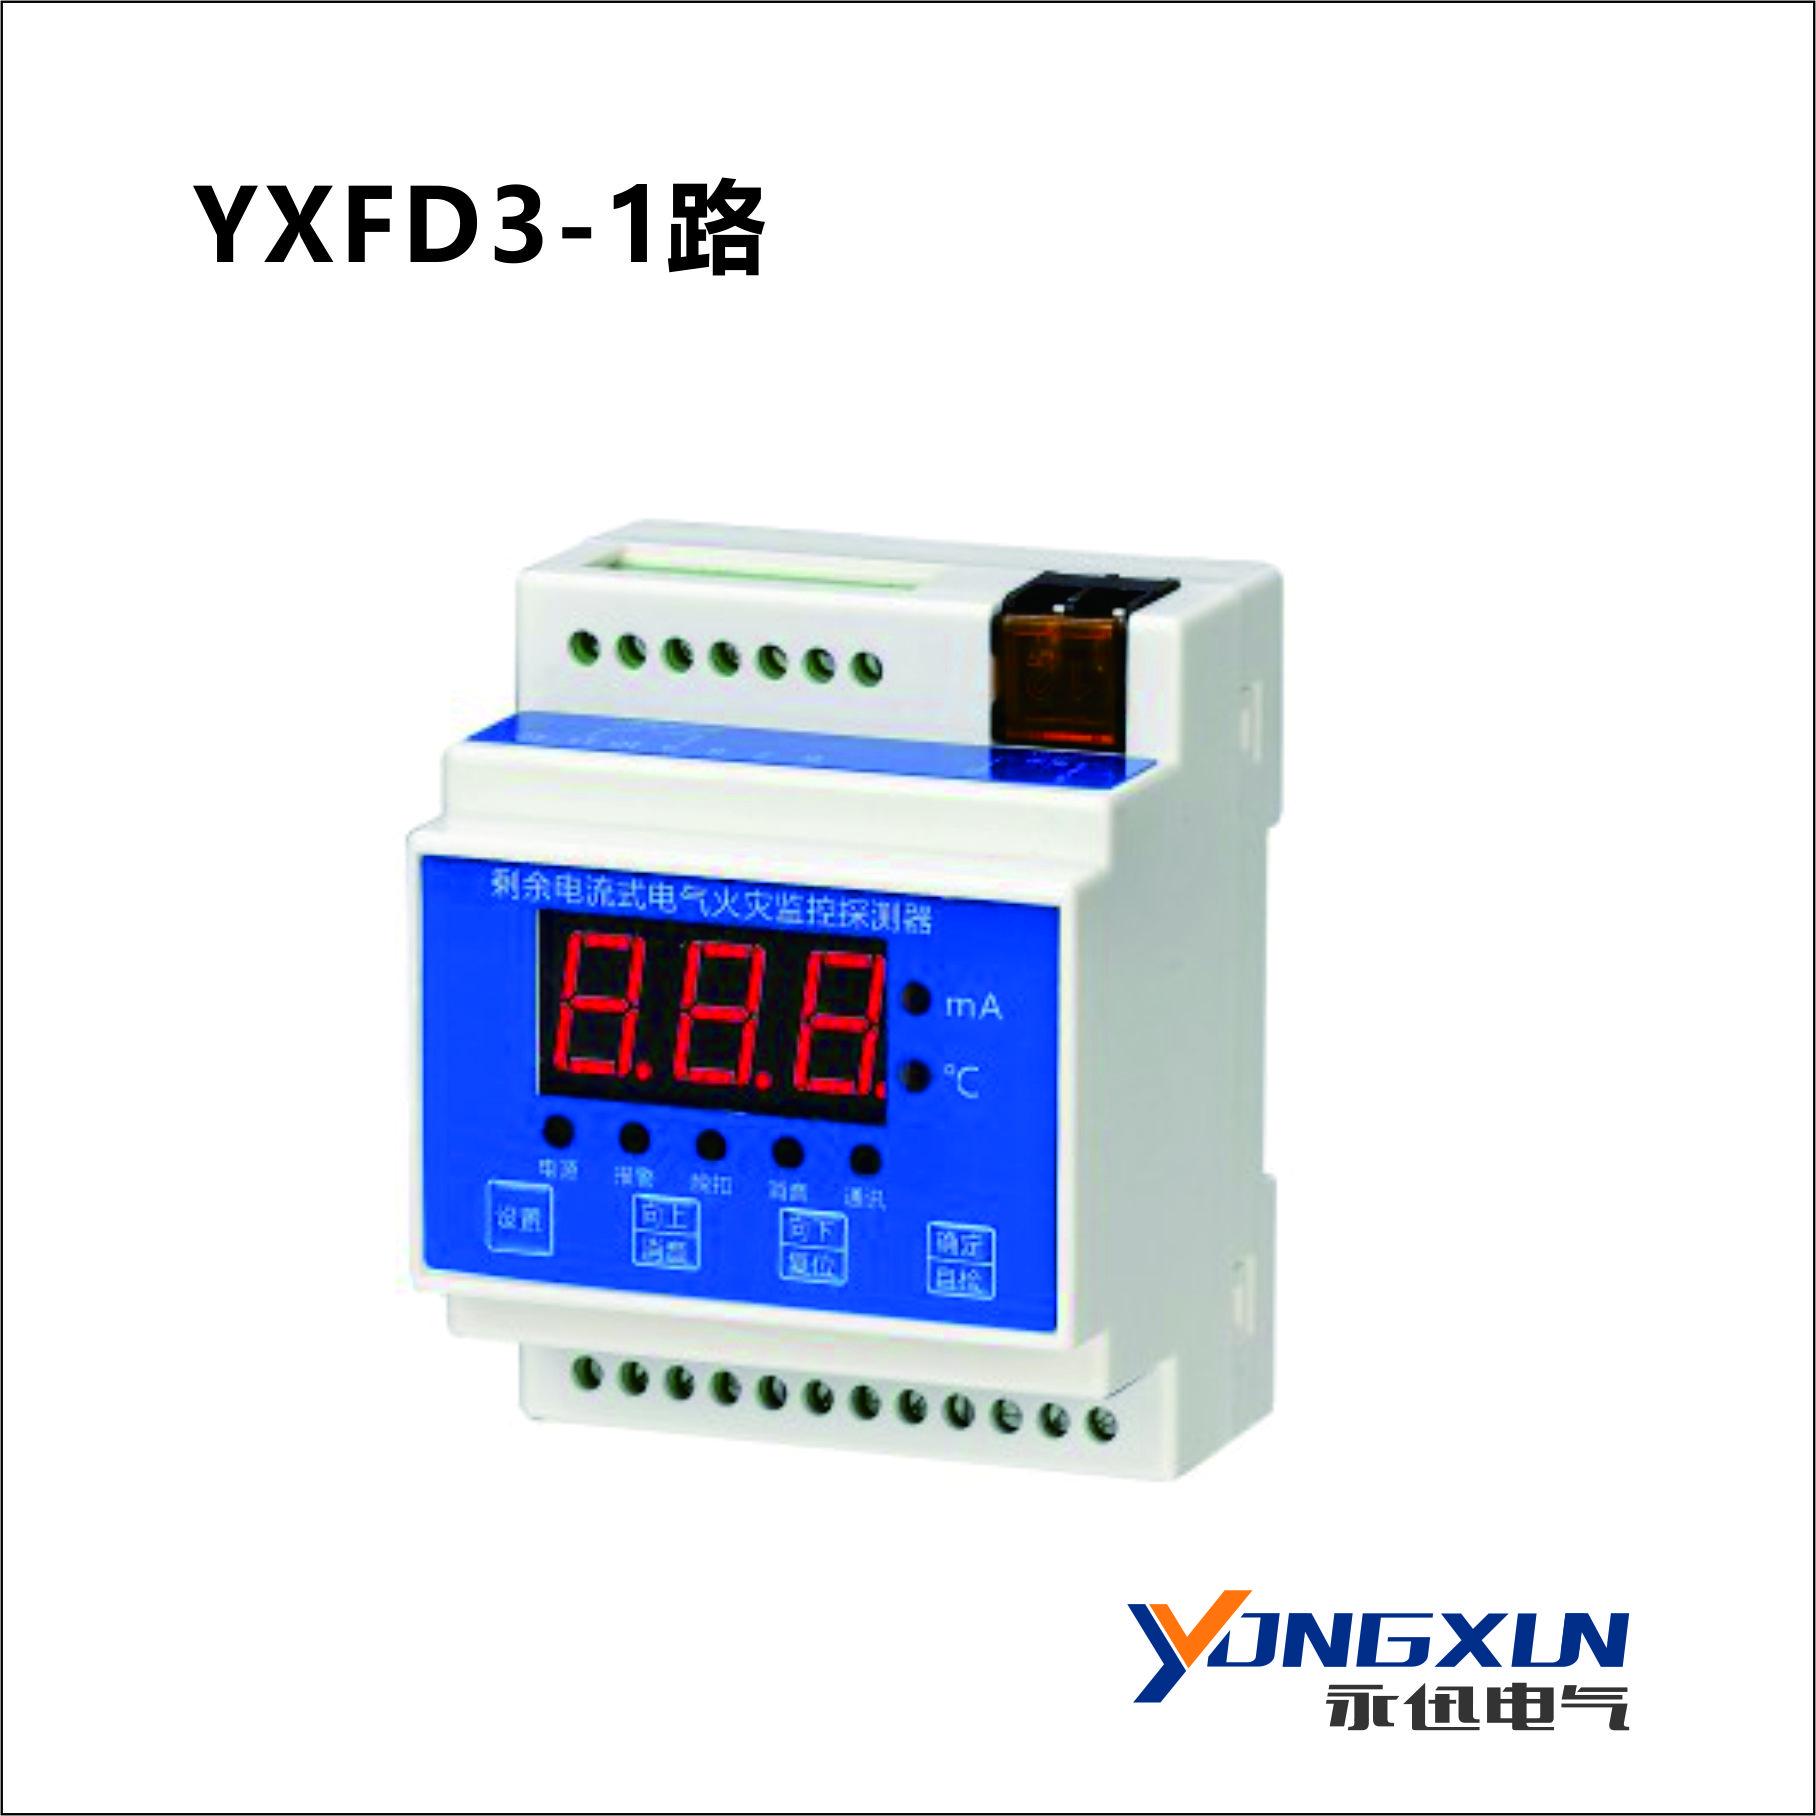 YXFD3-1路数码管型火灾监控探测器